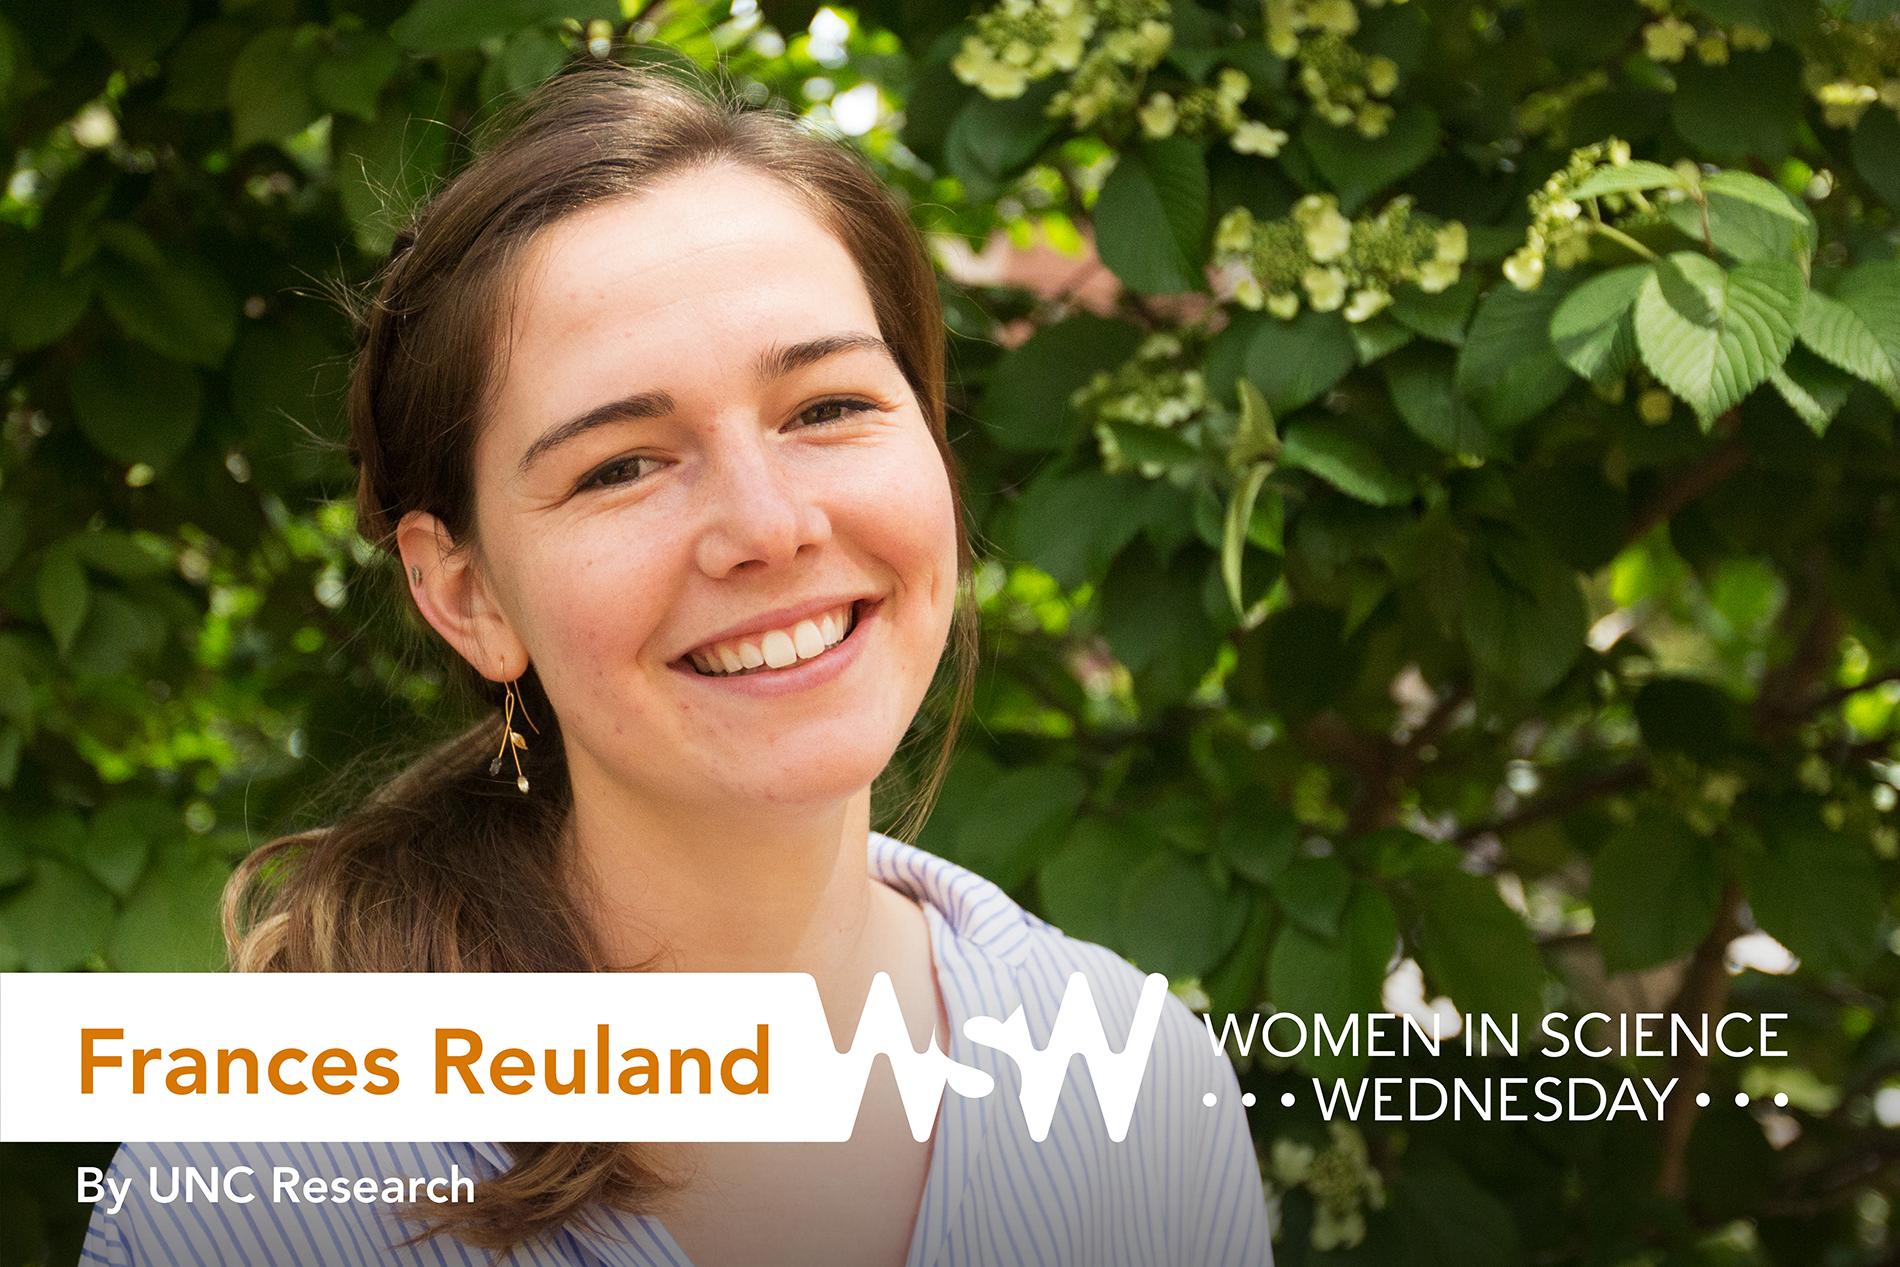 Frances Reuland